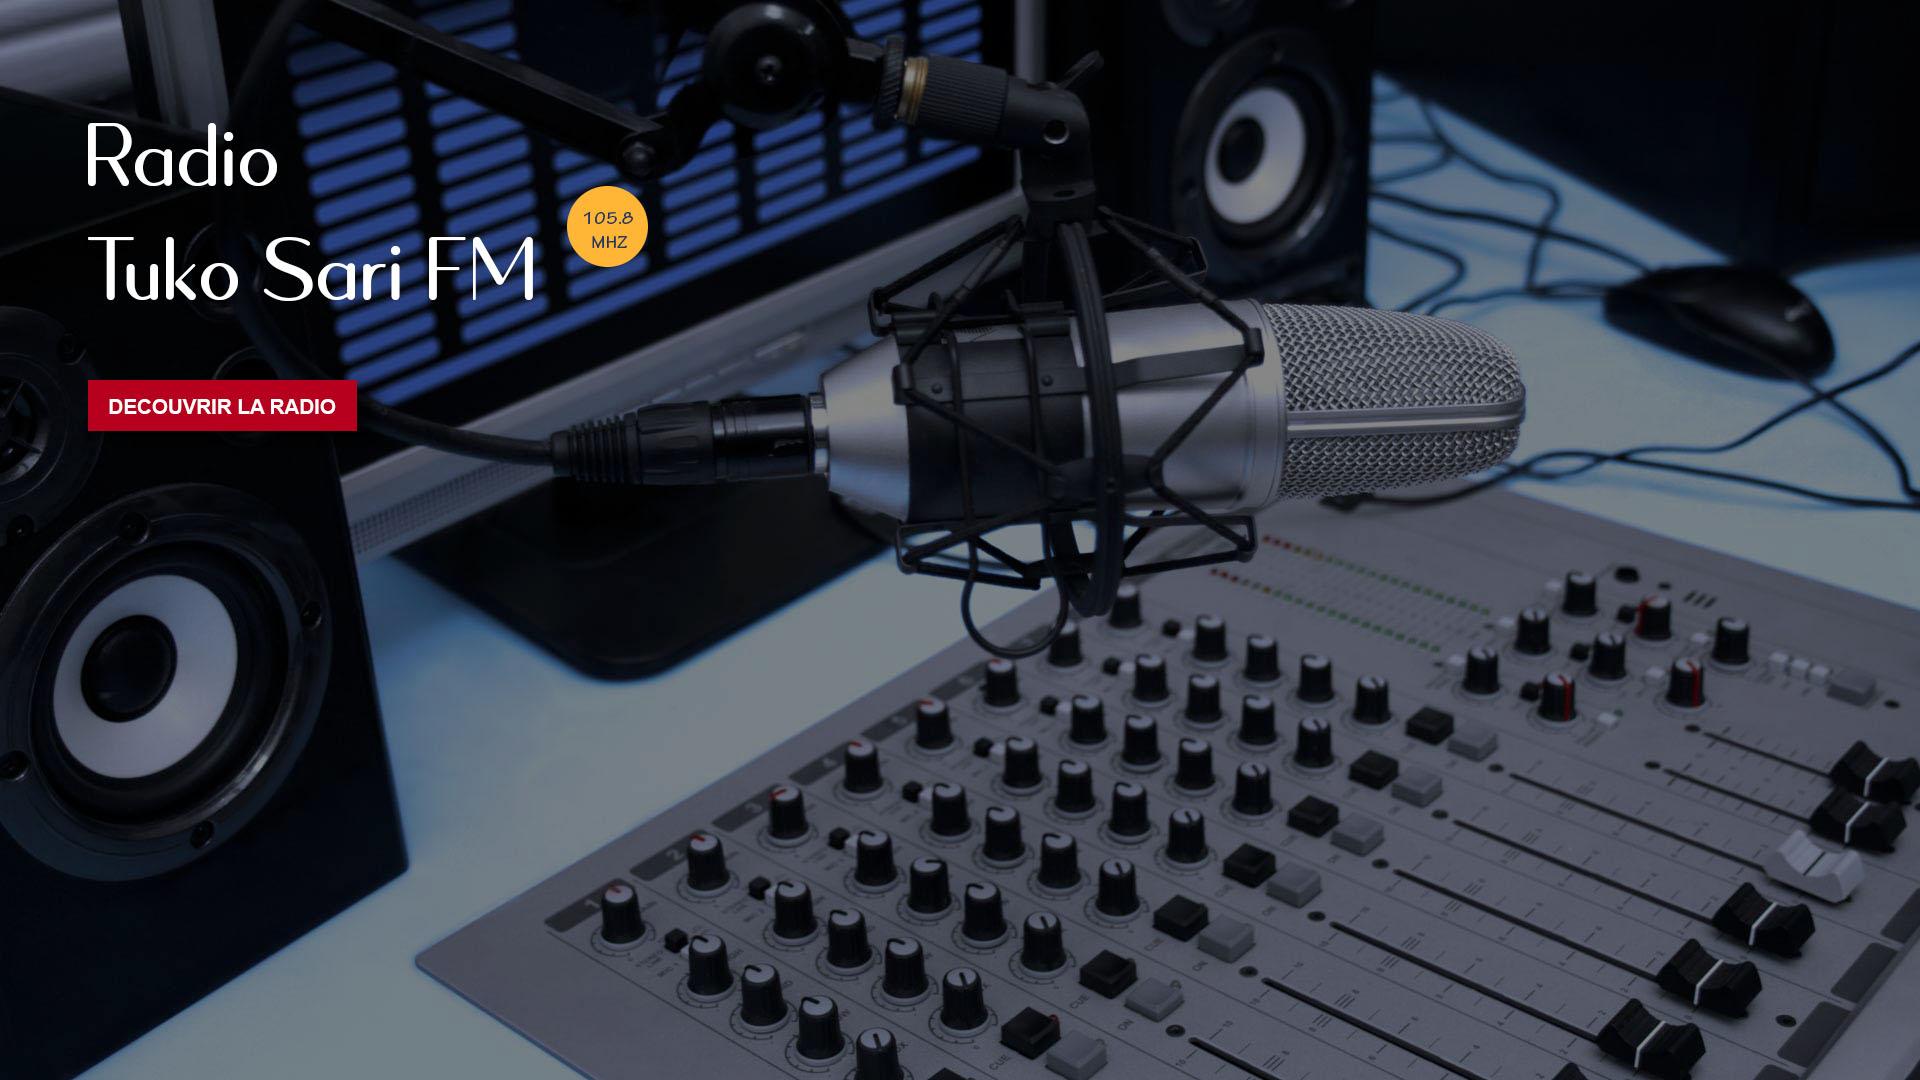 Bienvenue sur le portail de Radio Tuko Sari